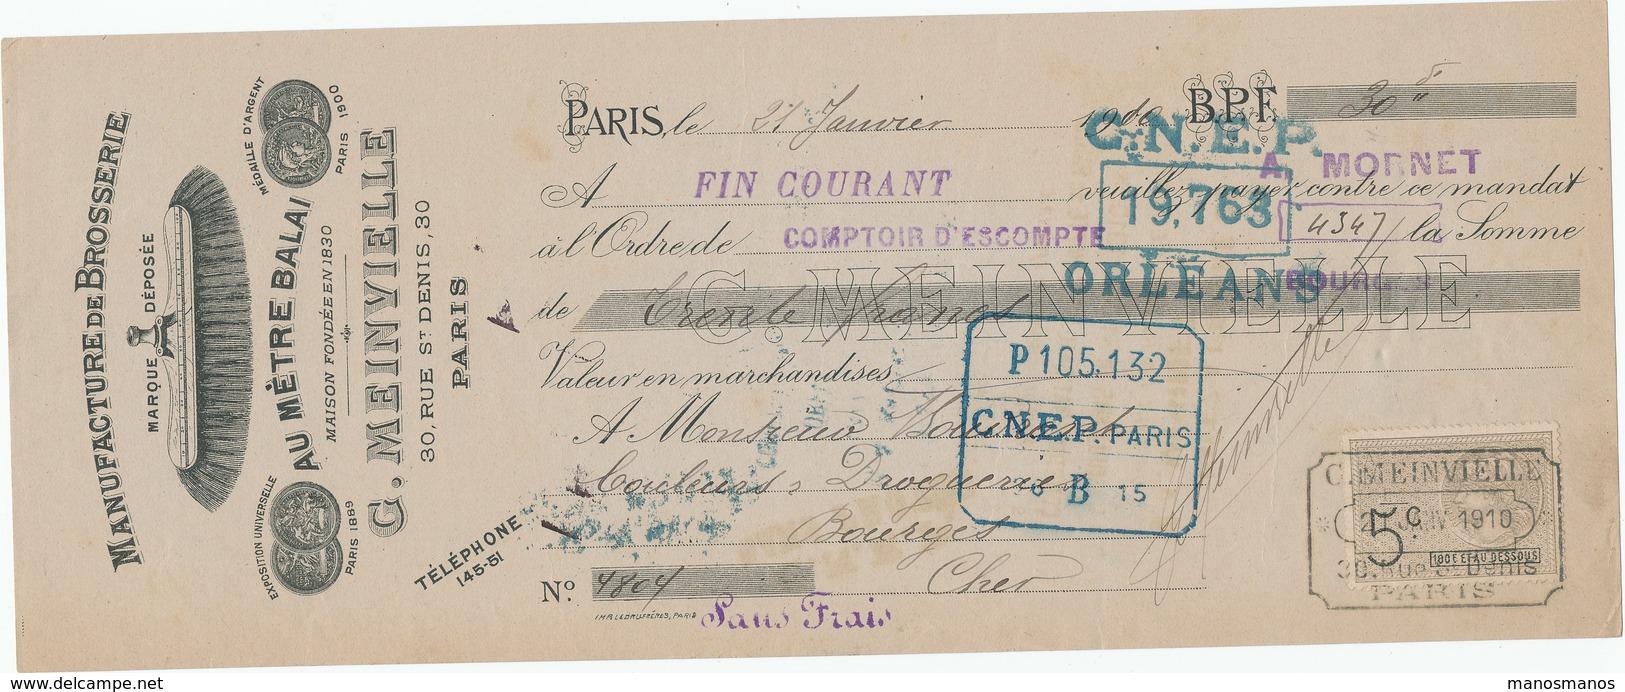 247/20 - FRANCE Mandat Illustré Médailles Expositions PARIS 1910 - Brosserie, Balais Mainvielle - TP Fiscal 5 C. - Universal Expositions